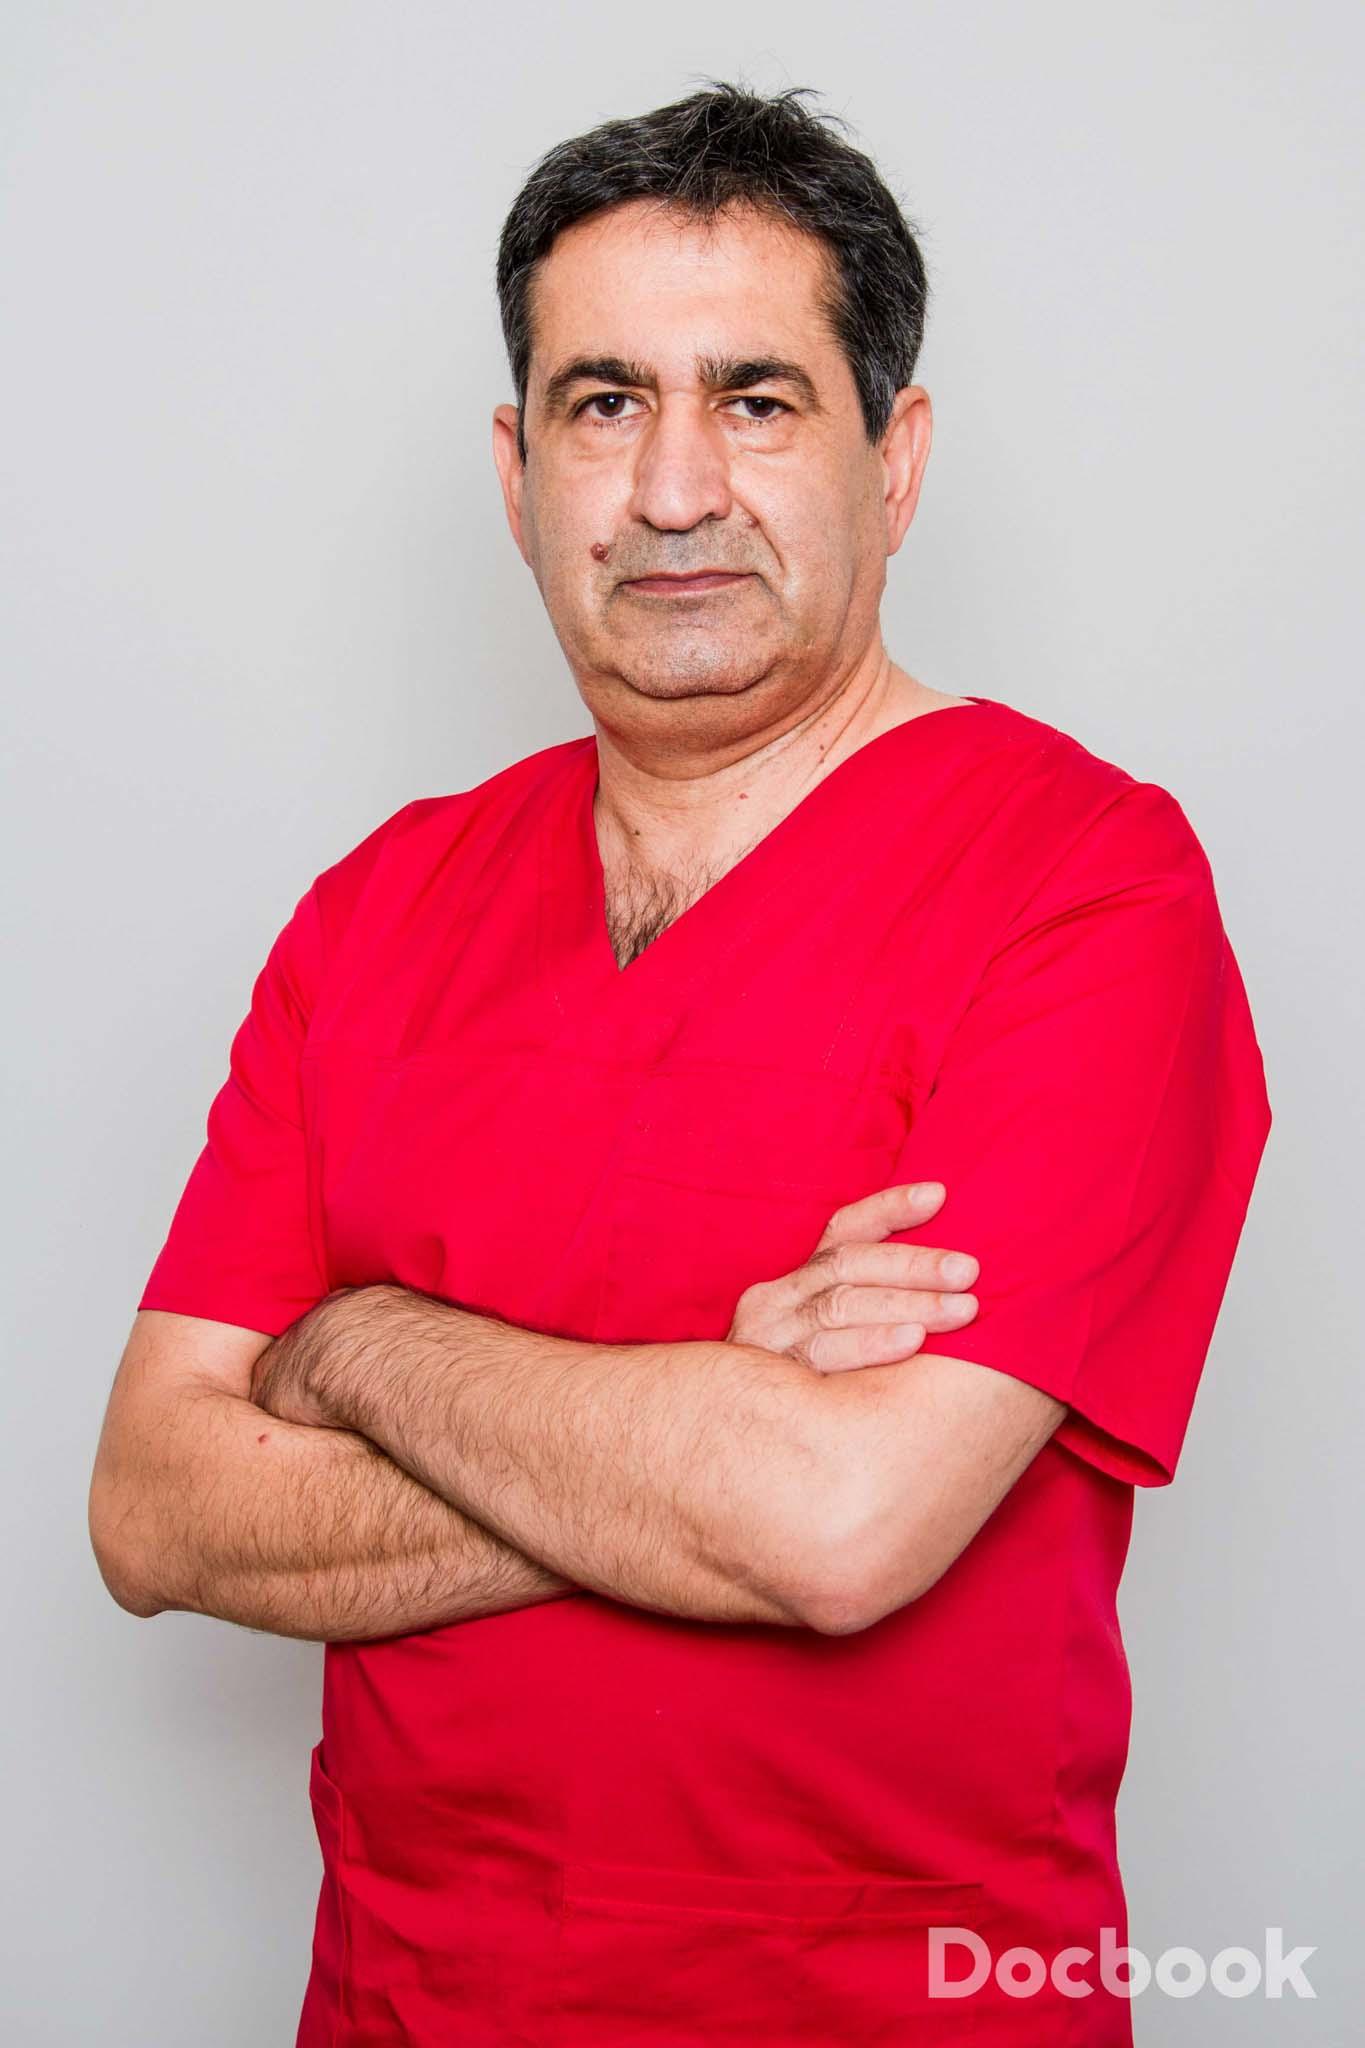 Dr. Ahmad Rahimian